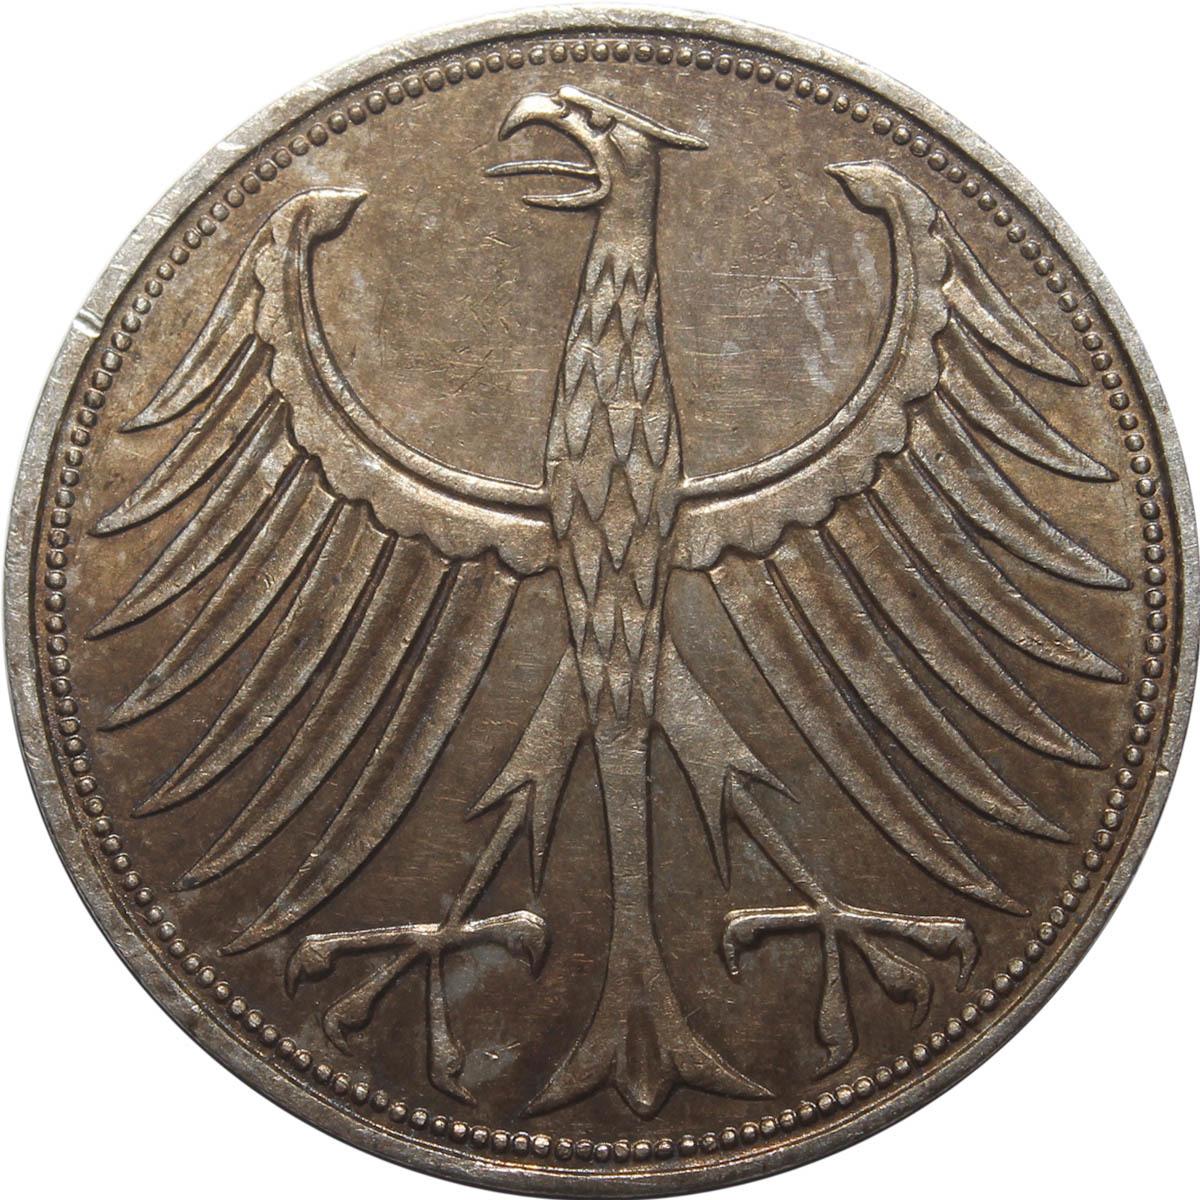 5 марок. Германия. (J). Серебро. 1965 год. XF